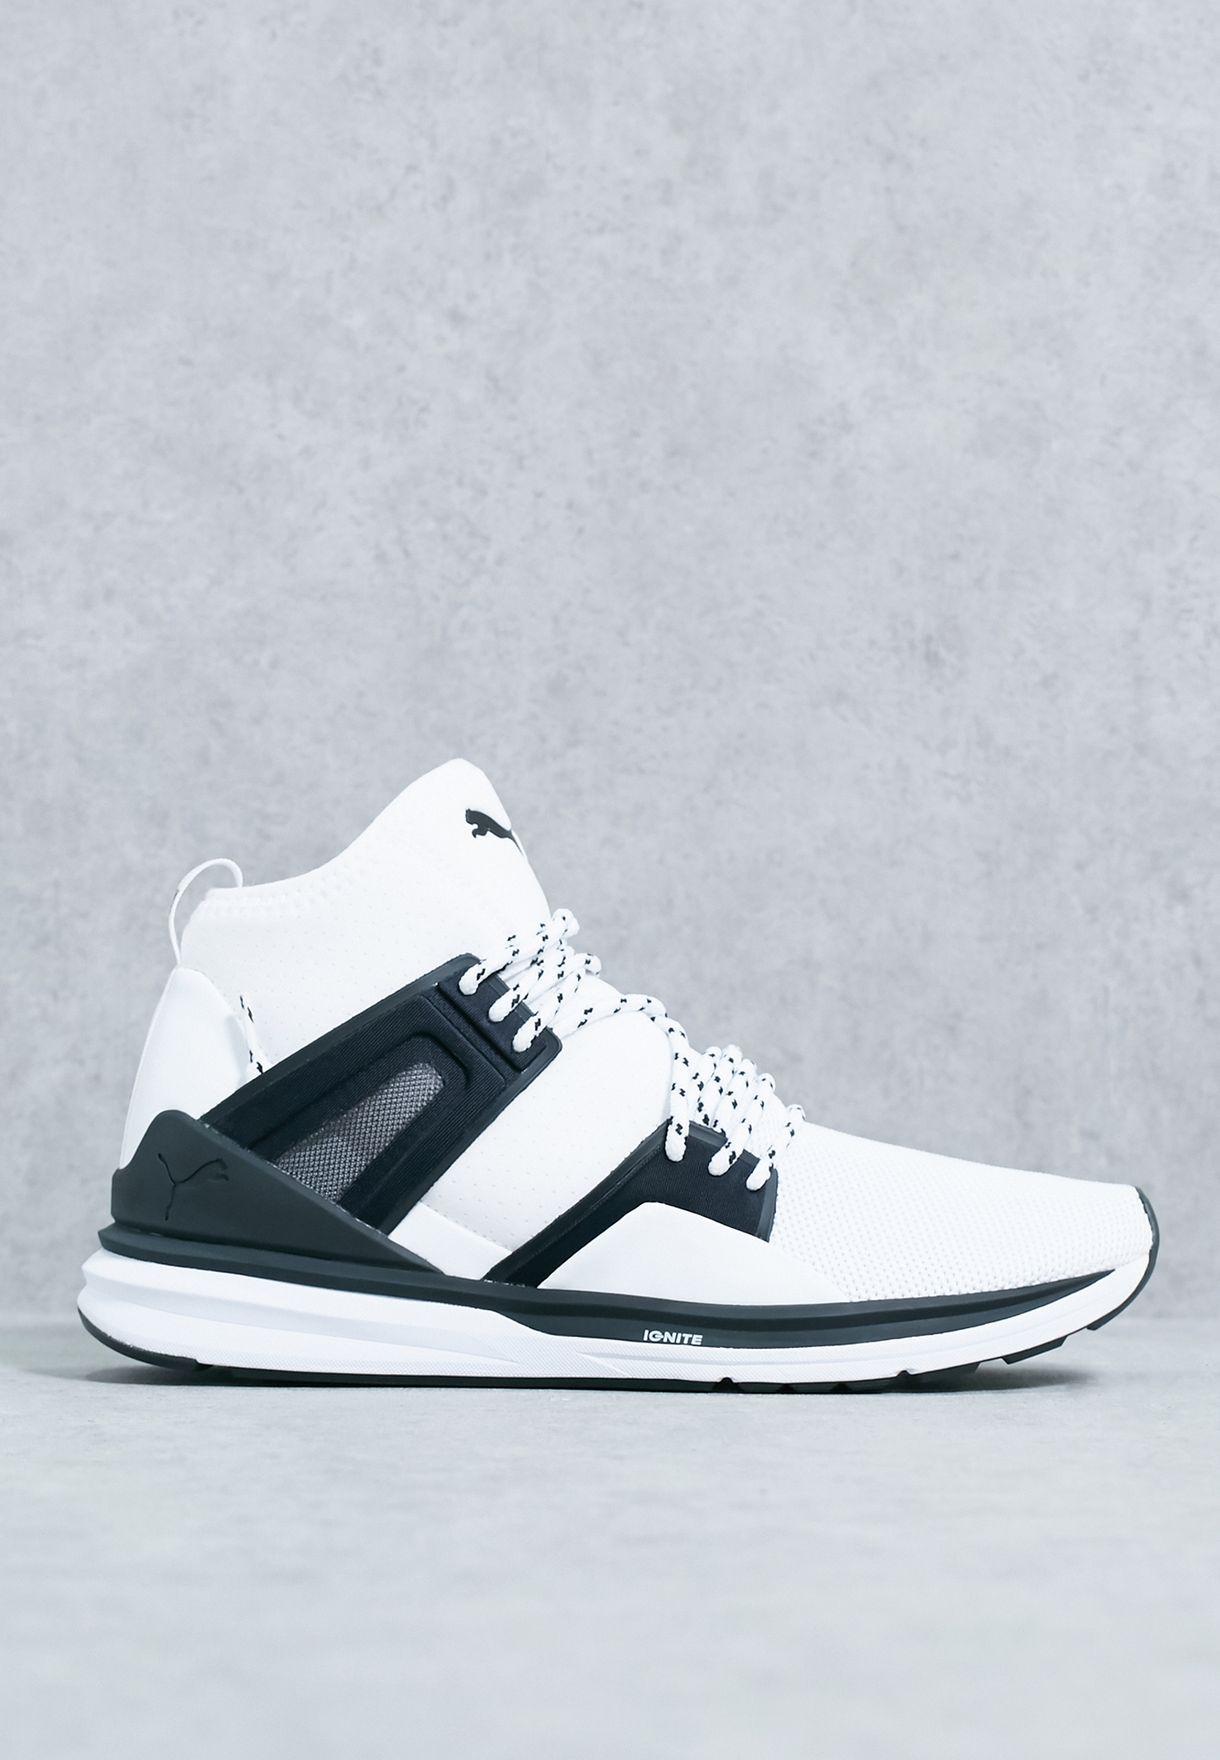 fe0d0fc58 تسوق حذاء بي او جي ليميتلس هاي ماركة بوما لون أبيض 36312602 في قطر ...